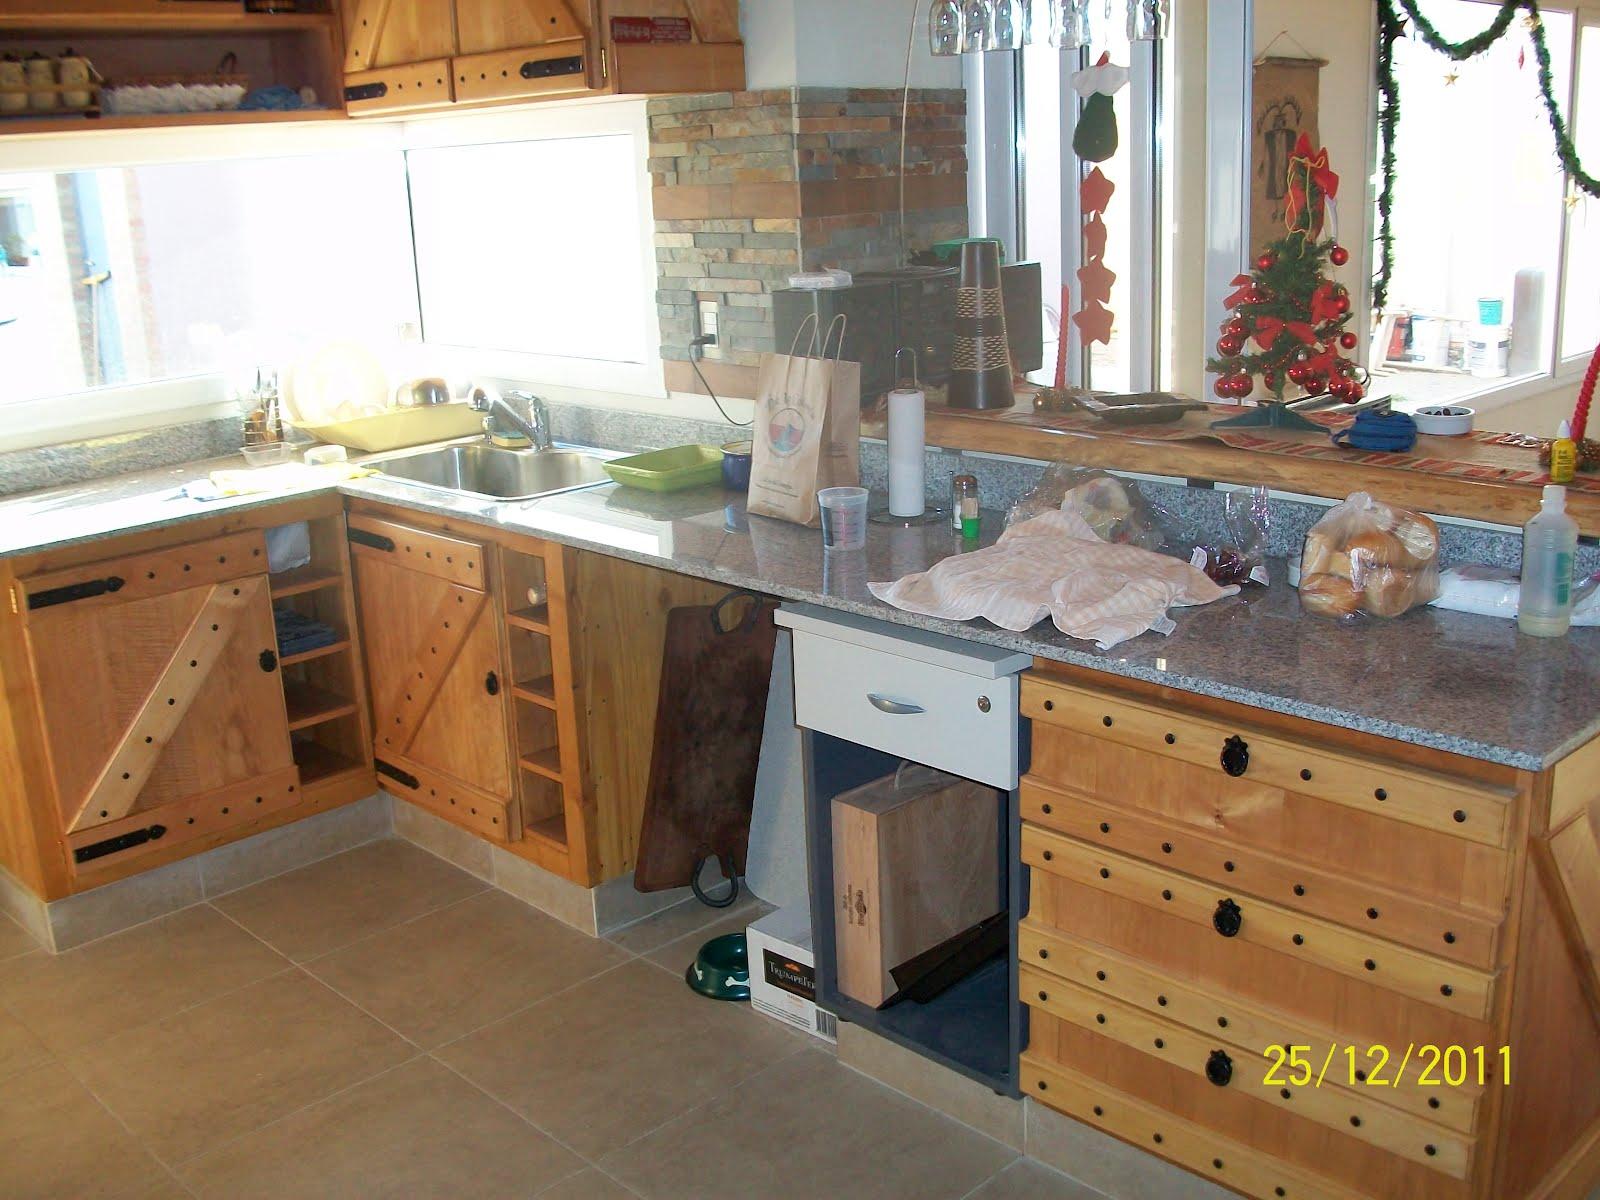 Muebles artesanales alacena y bajomesada estilo campo en for Muebles artesanales